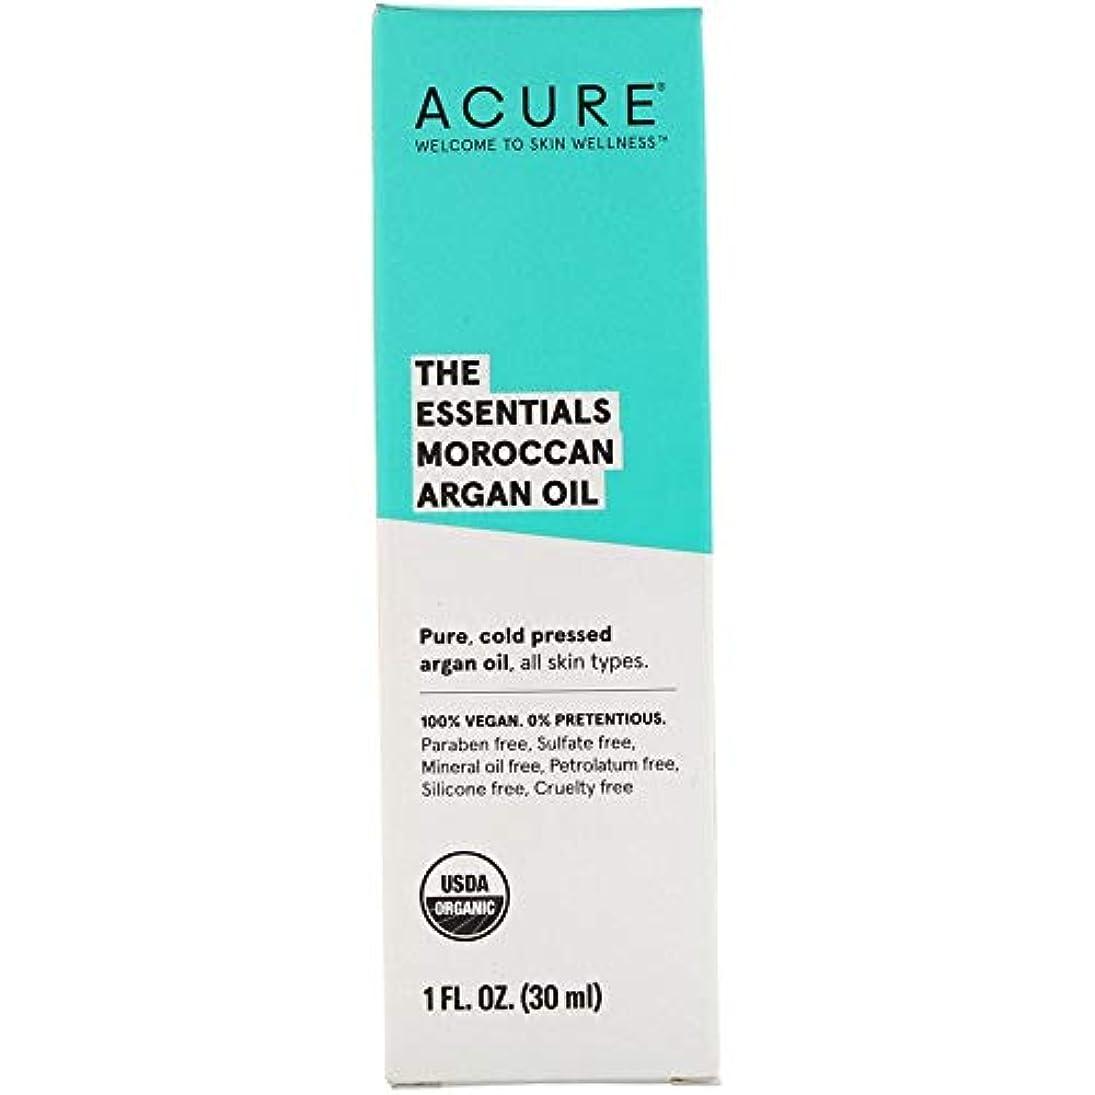 若者欲しいです請求書ACURE - Moroccanアルガンオイル - 2 X 30 ml[並行輸入品]JSE